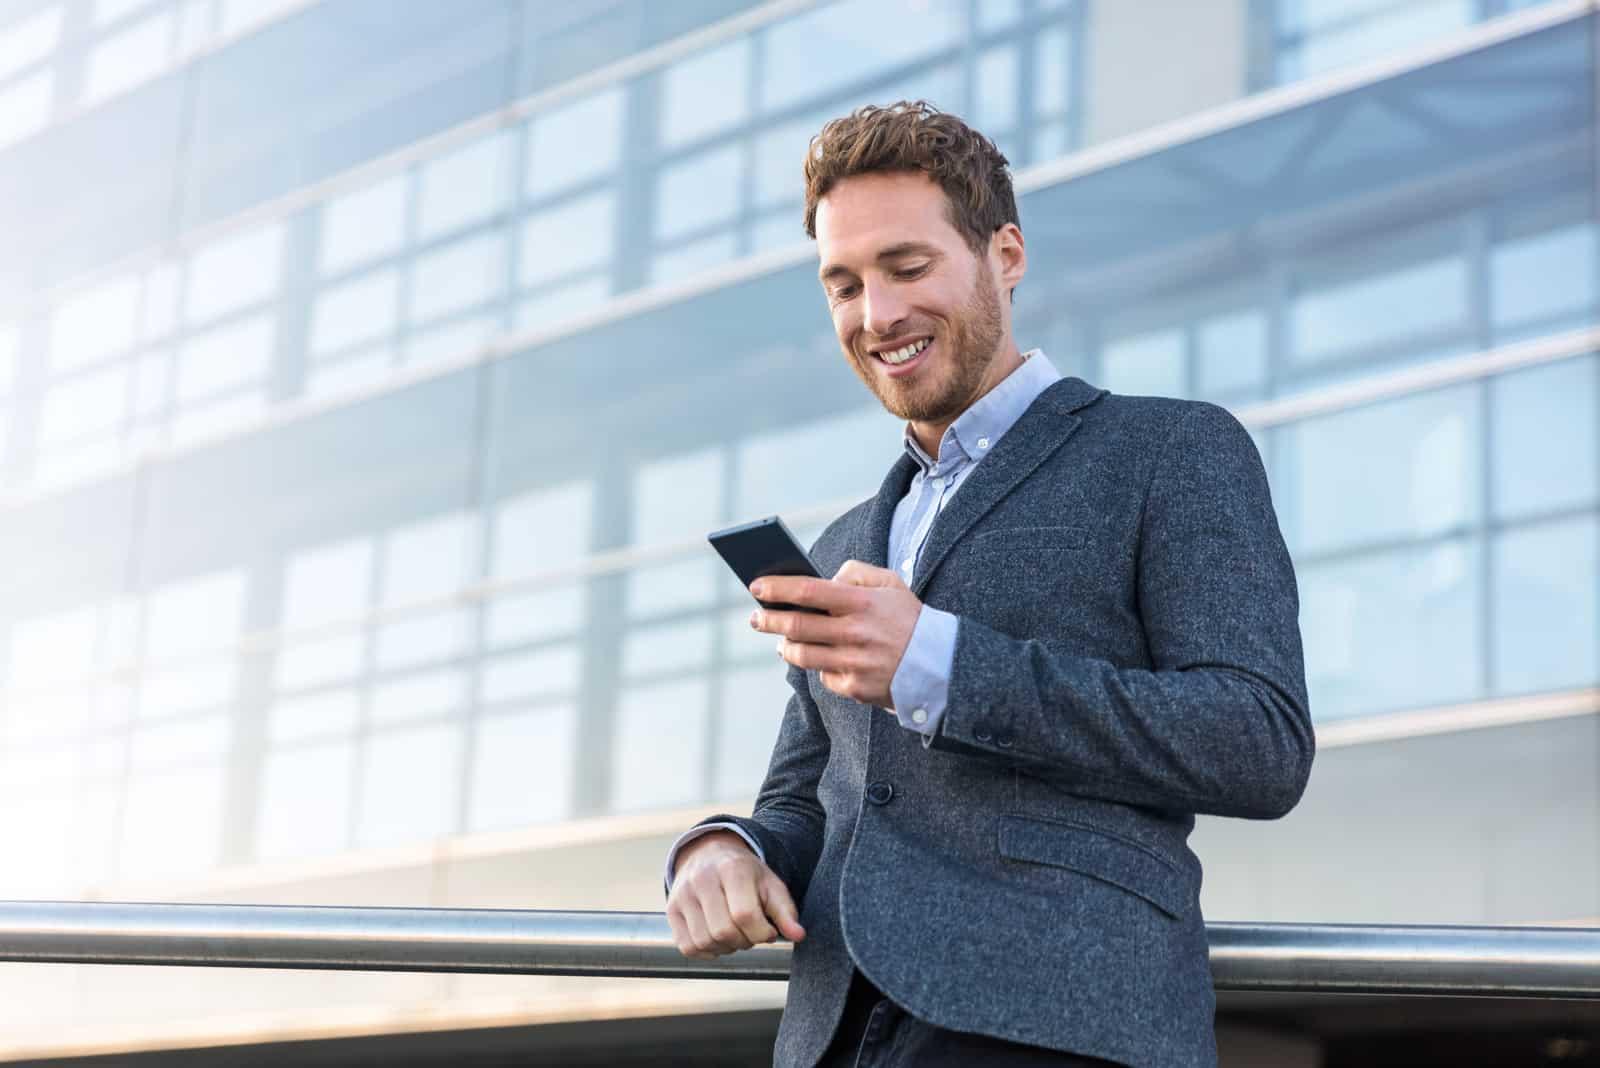 Homme d'affaires utilisant un téléphone portable